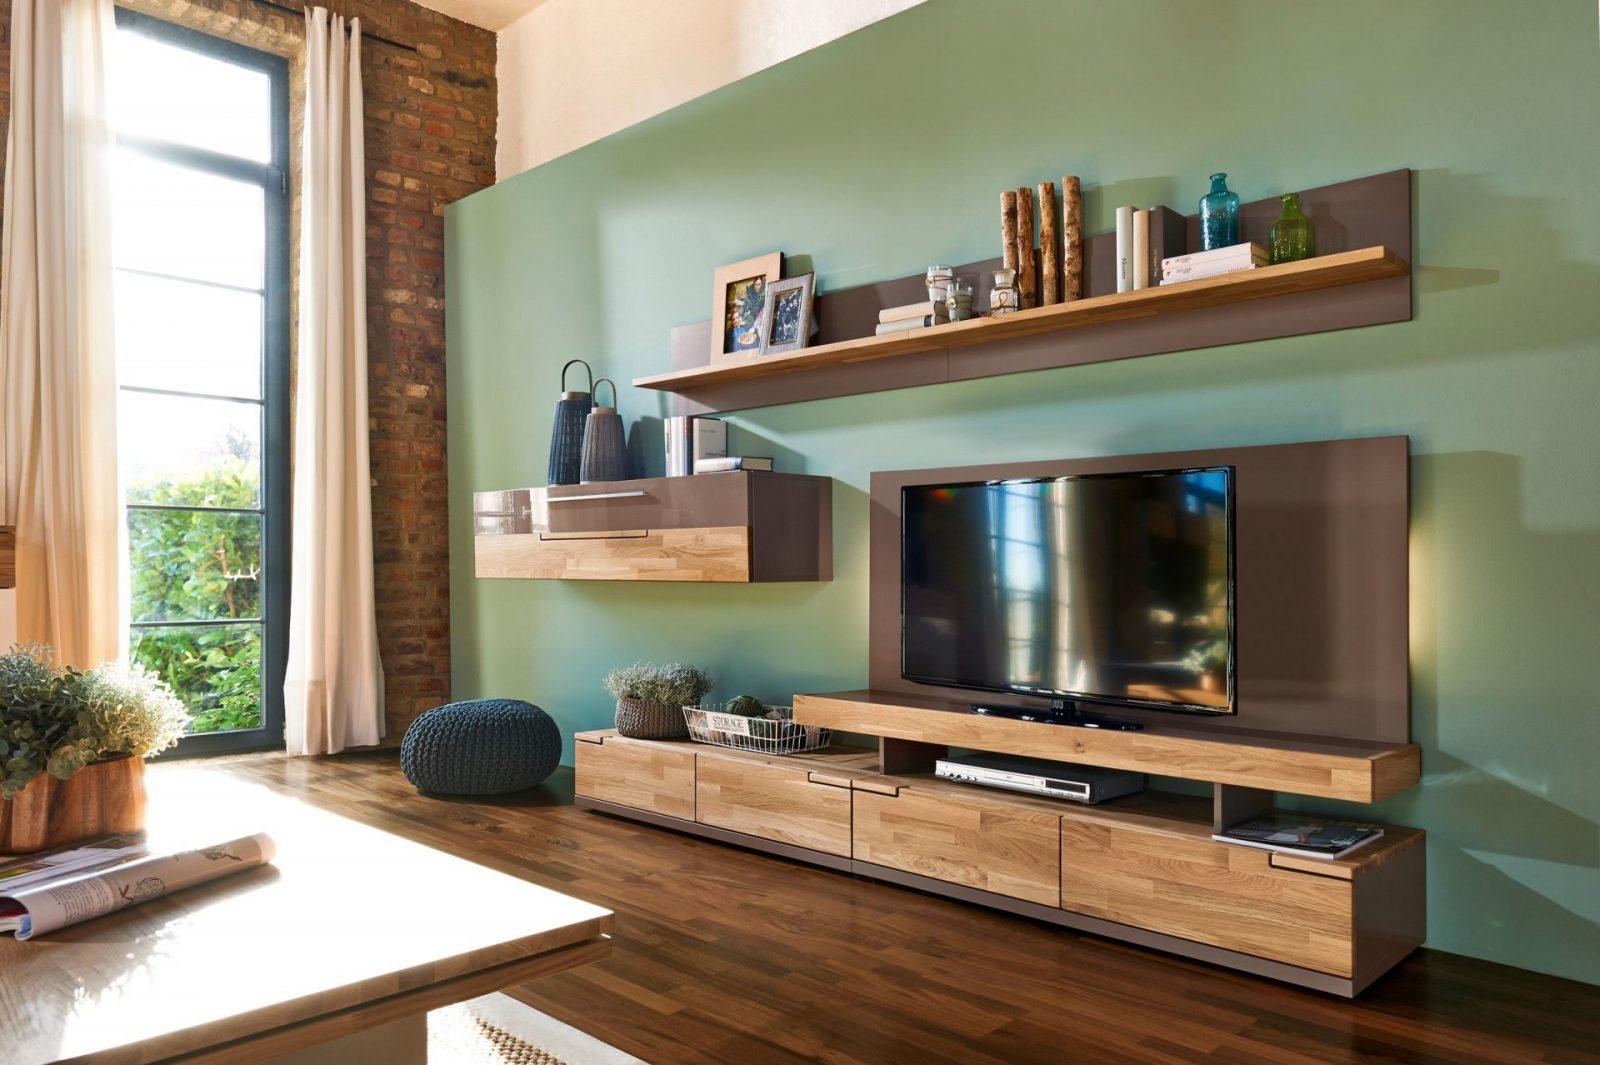 Massivholz Wohnwand  Einrichten Und Wohnen  Wohnwand Weiß Holz von Arte M Wohnwand Feel Bild